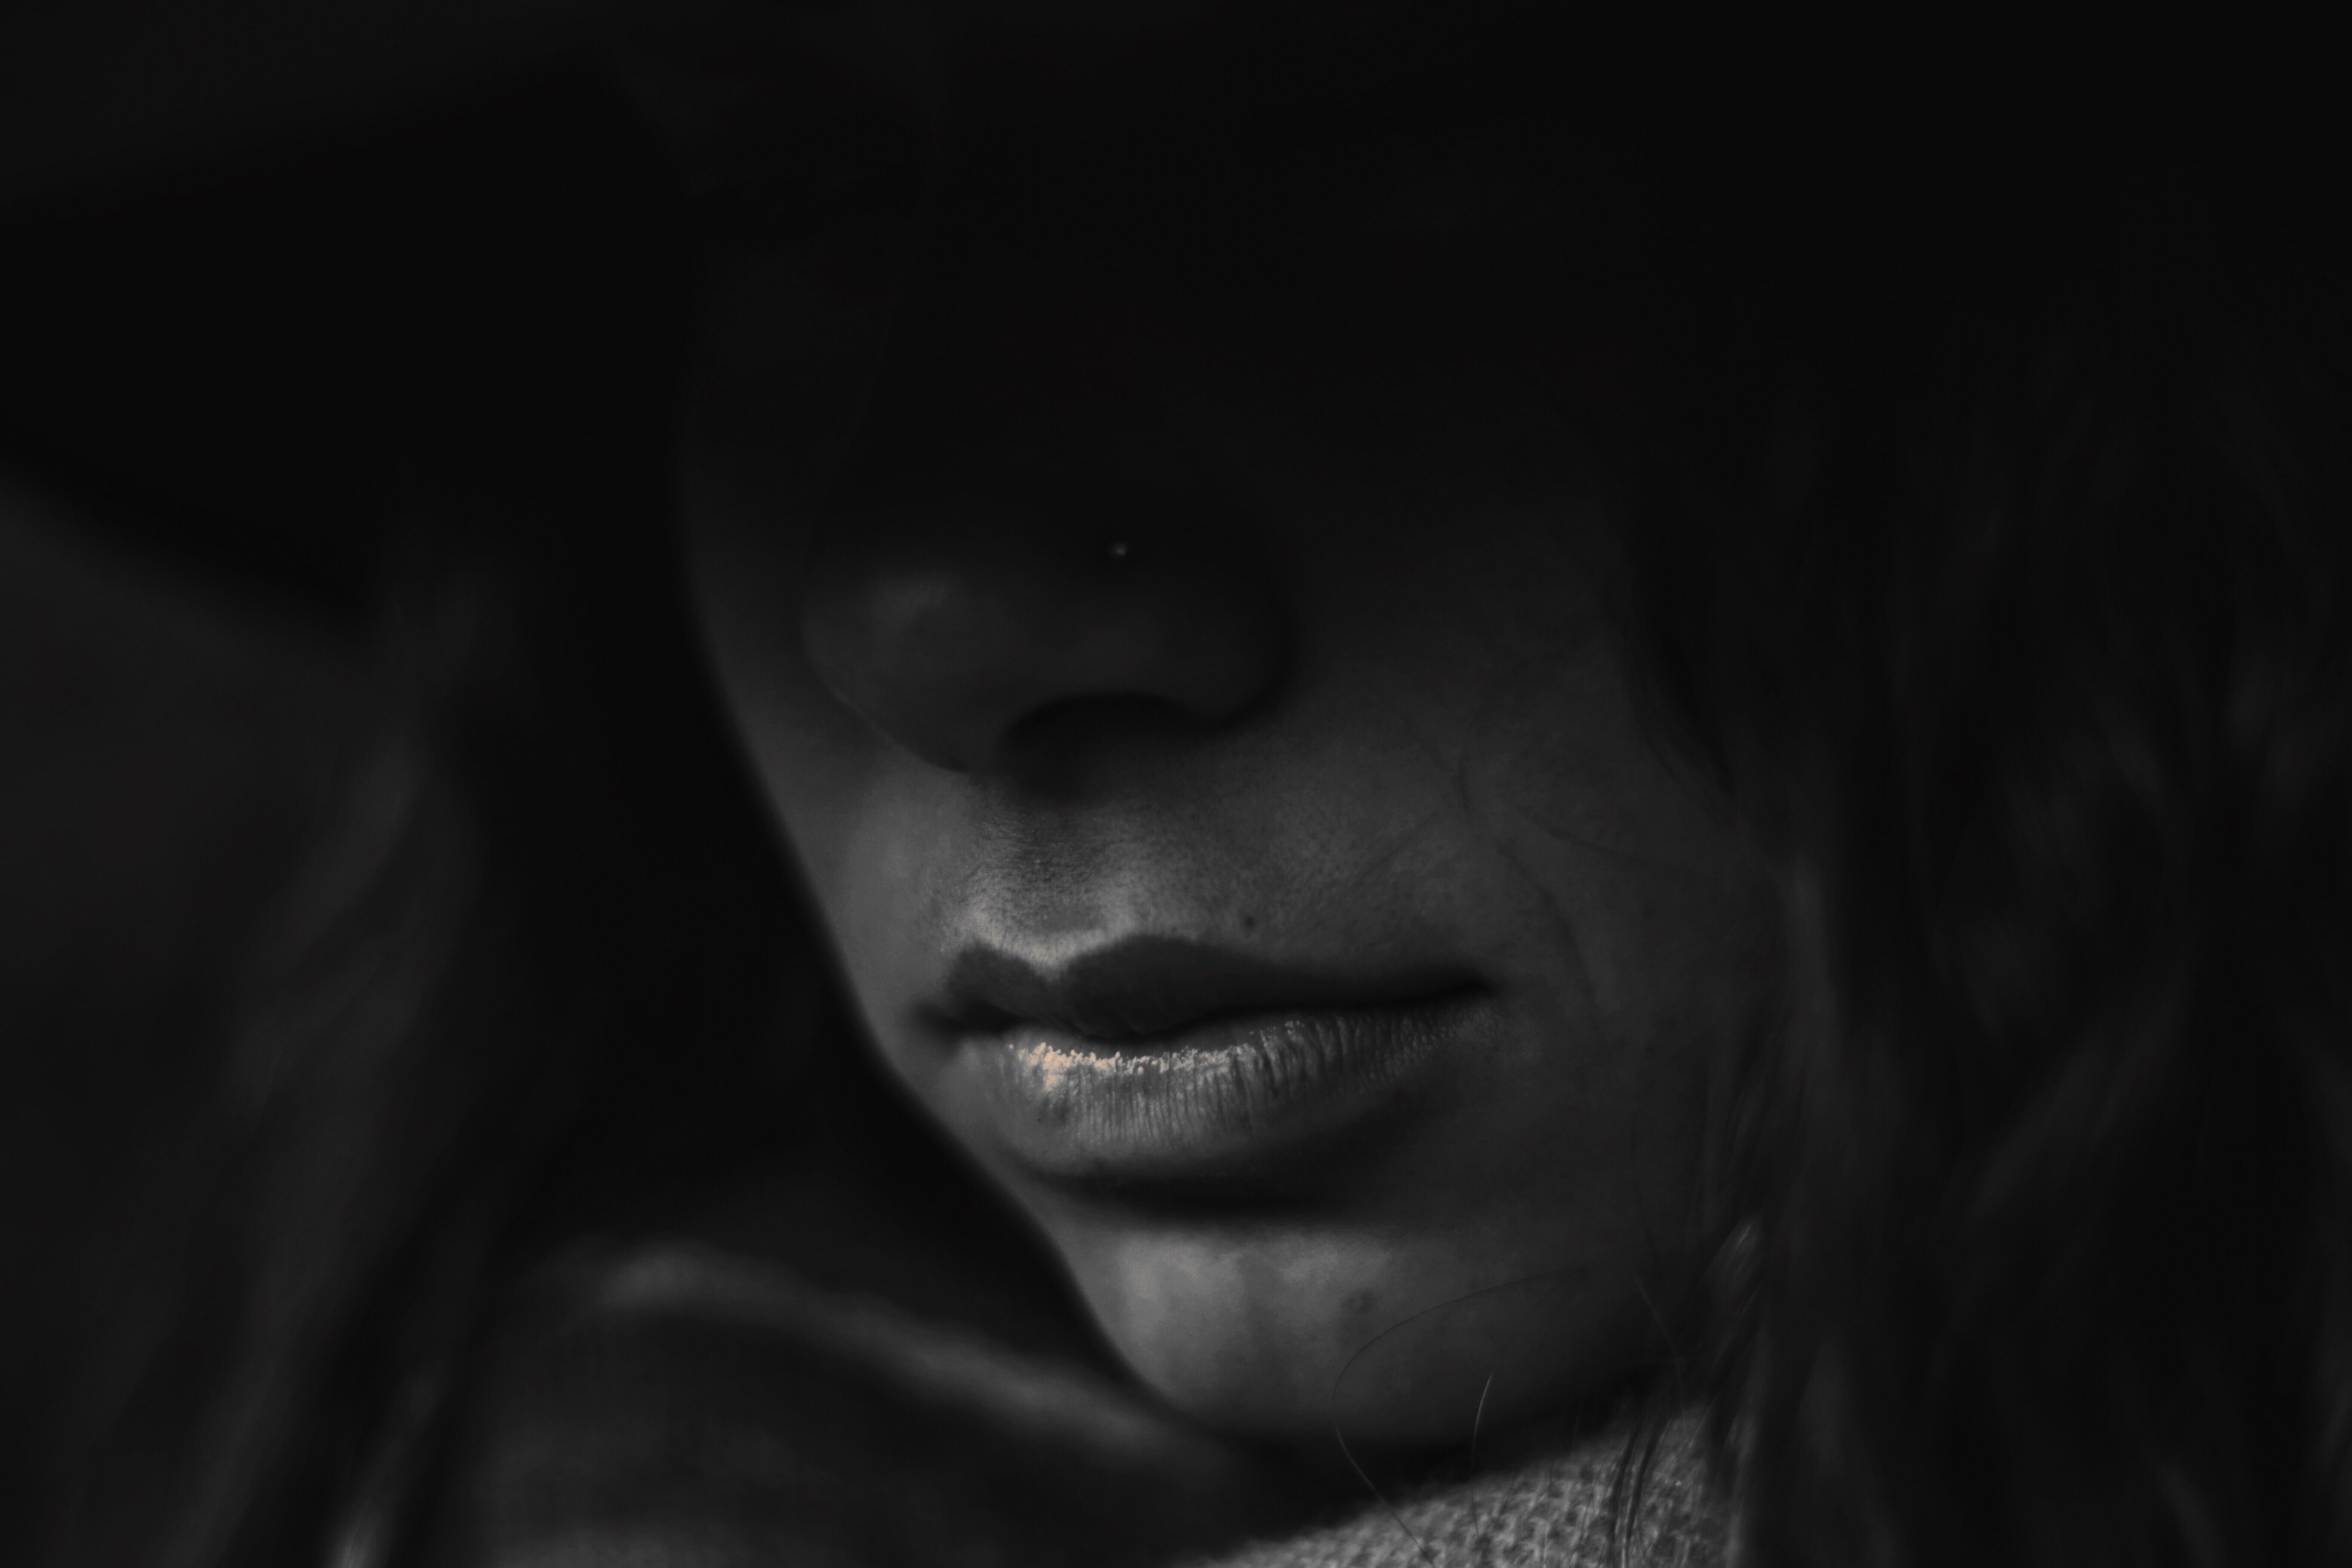 Szavak, amik fájnak – 5 dolog, amit tudnod kell a verbális bántalmazásról